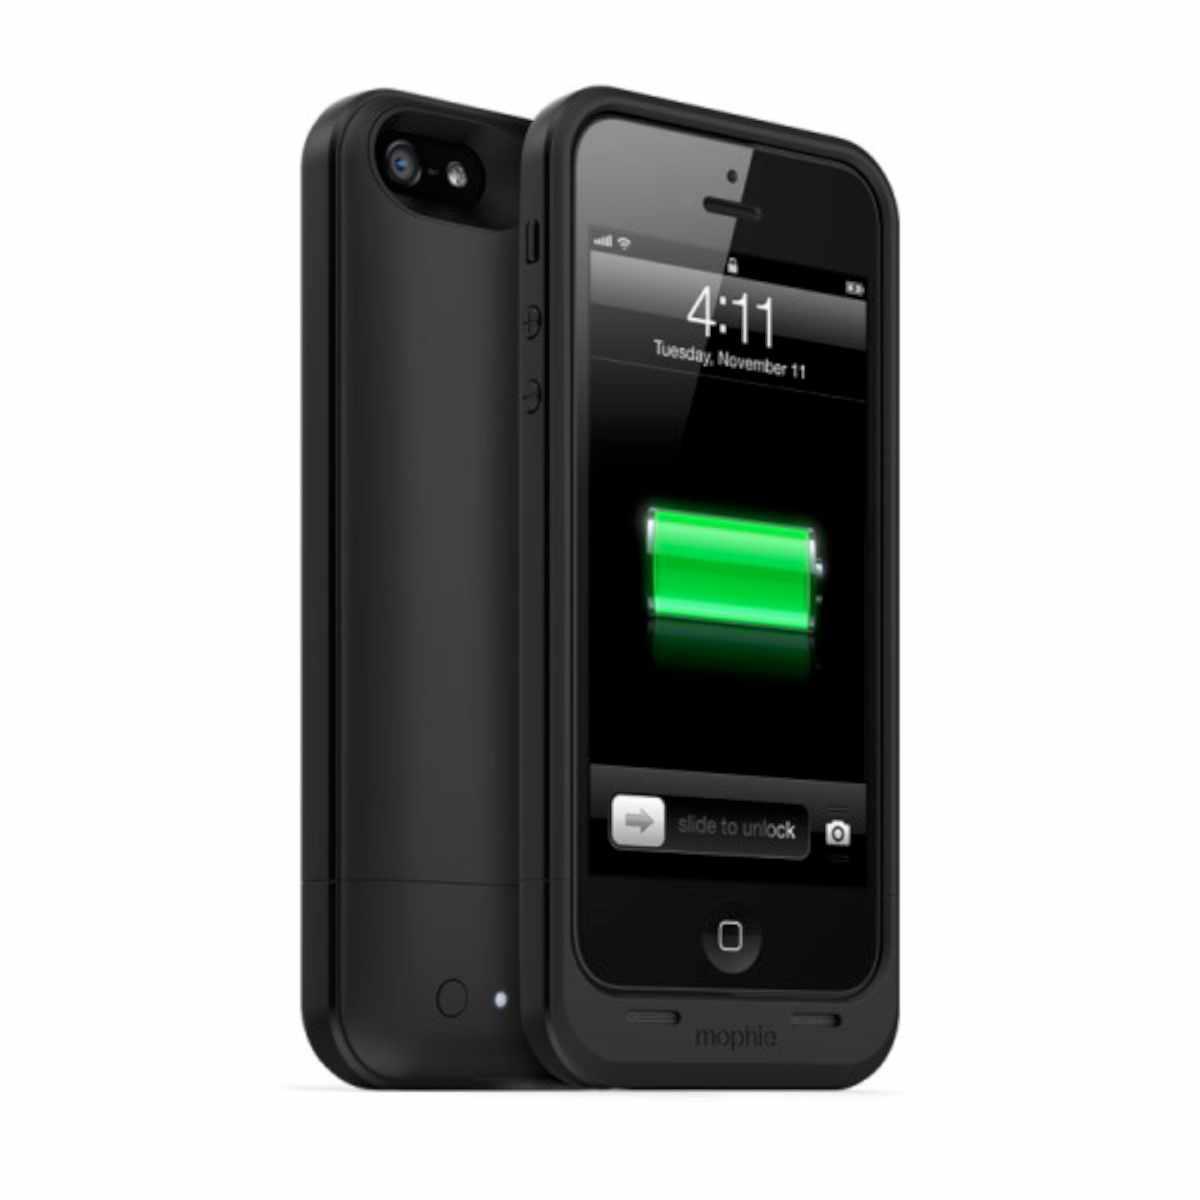 MOPHIE JUICE PACK AIR BLACK IPHONE 5-5S